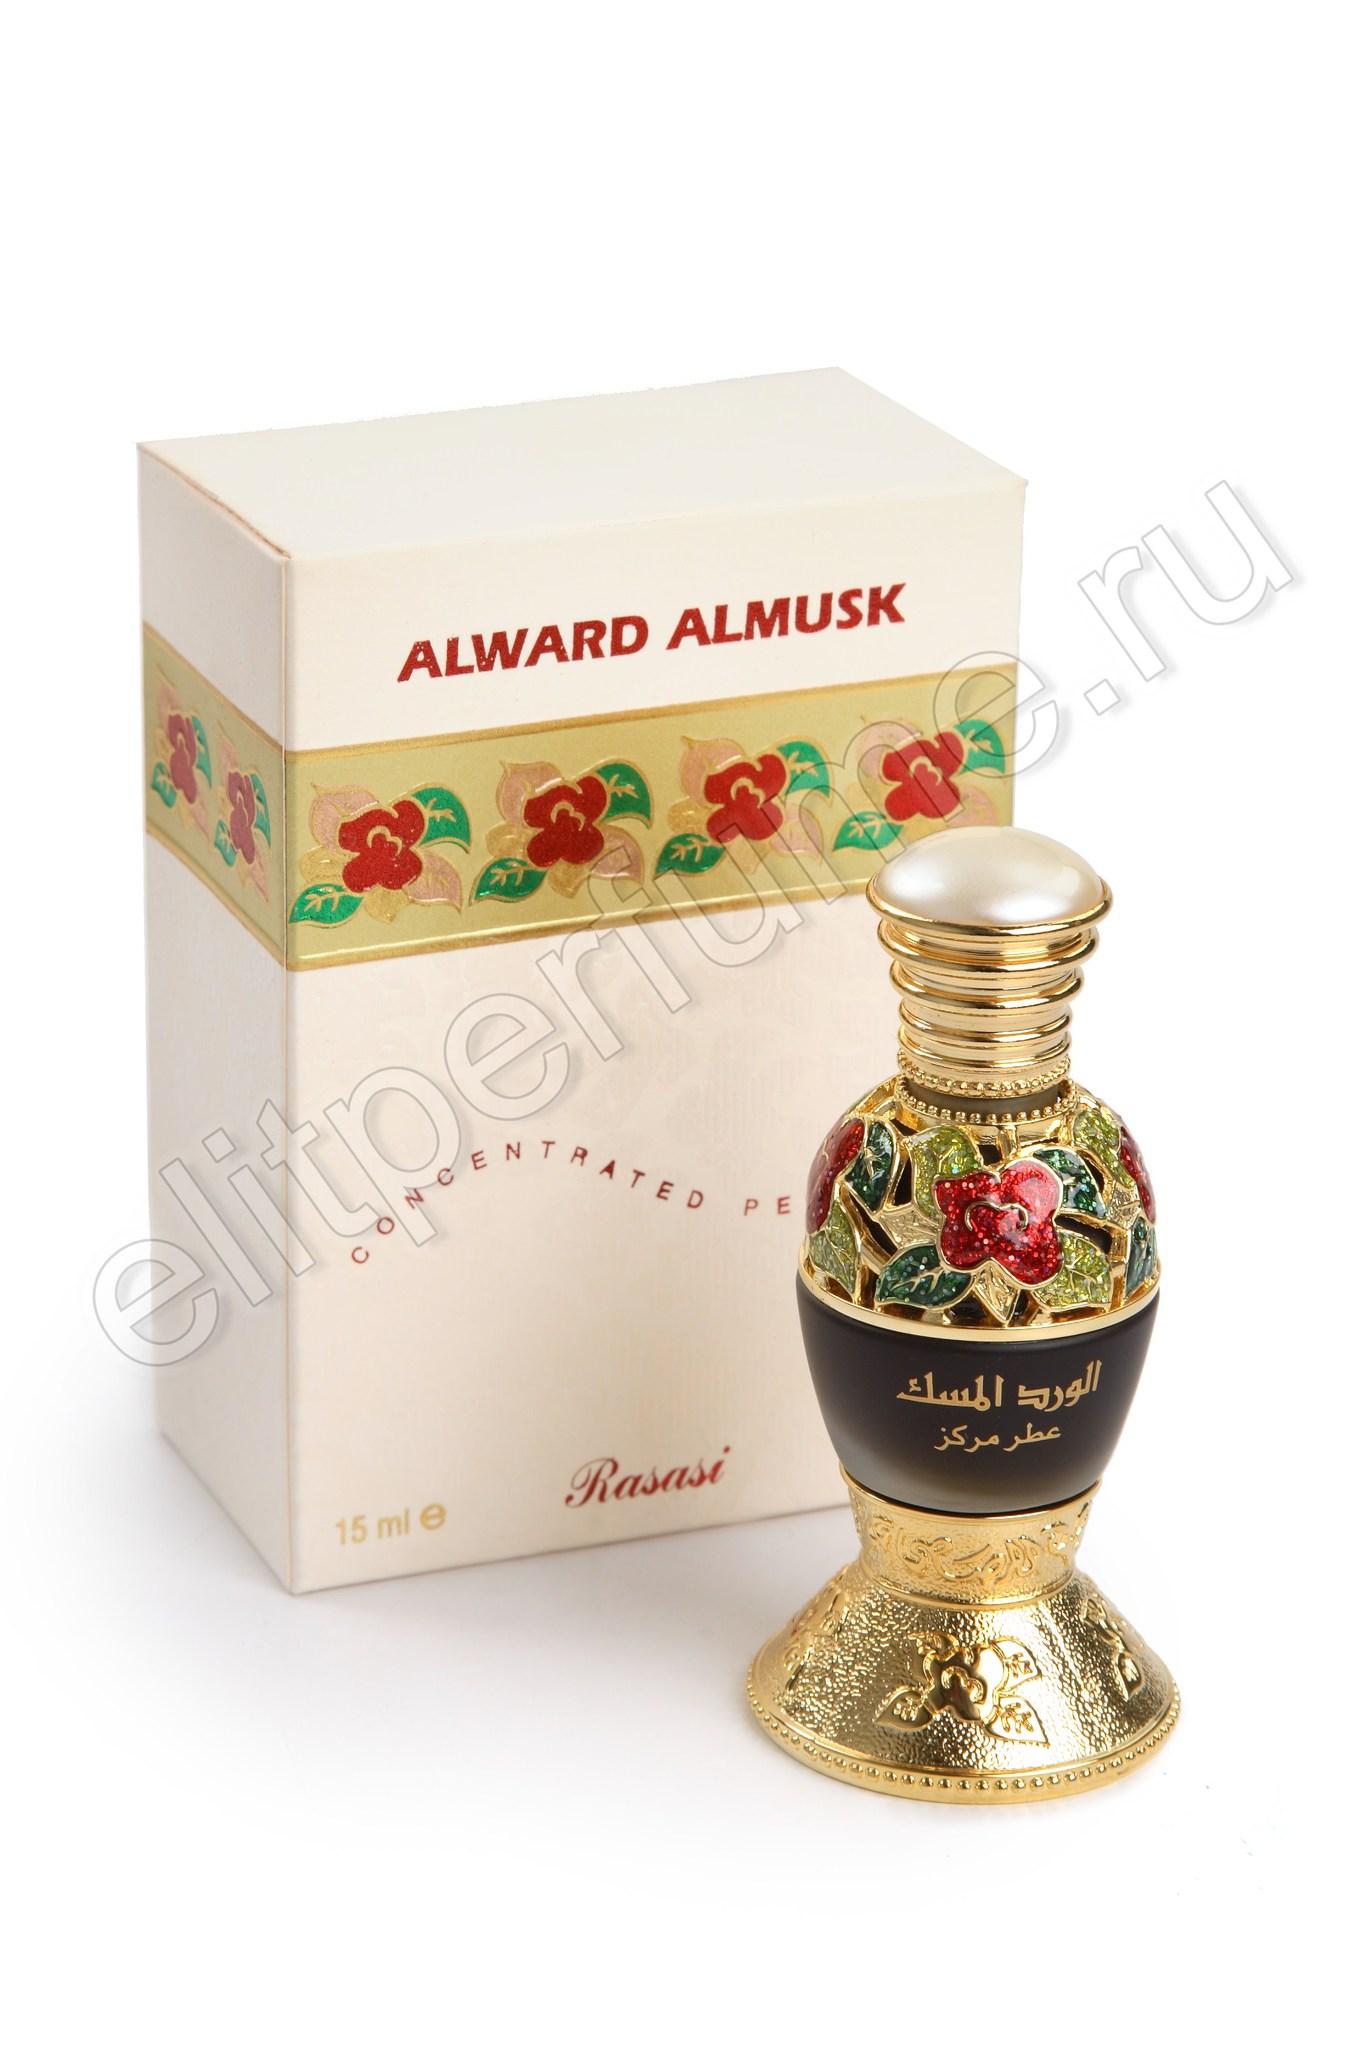 Пробники для арабских духов Мускус Альвард Alward Almusk 1 мл арабские масляные духи от Расаси Rasasi Perfumes